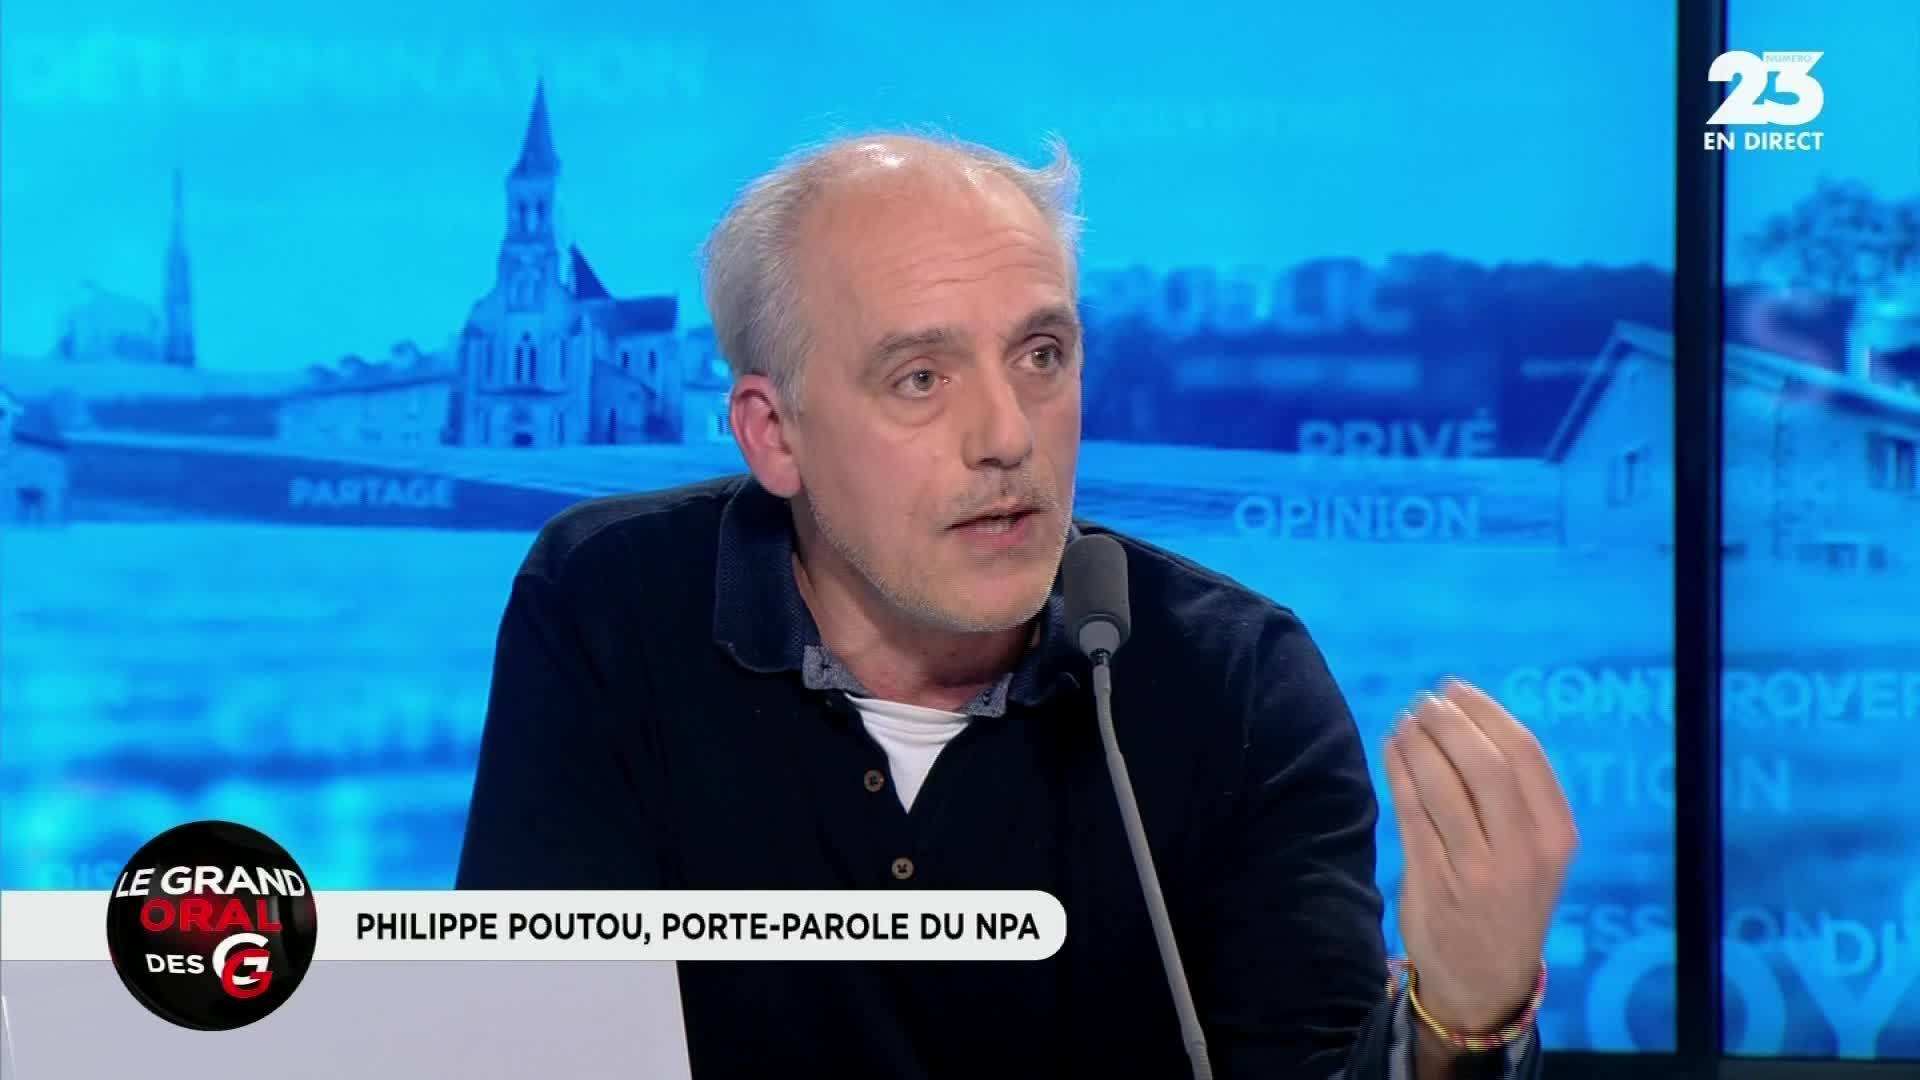 Hommage populaire à Johnny Hallyday : Le coup de gueule de Philippe Poutou